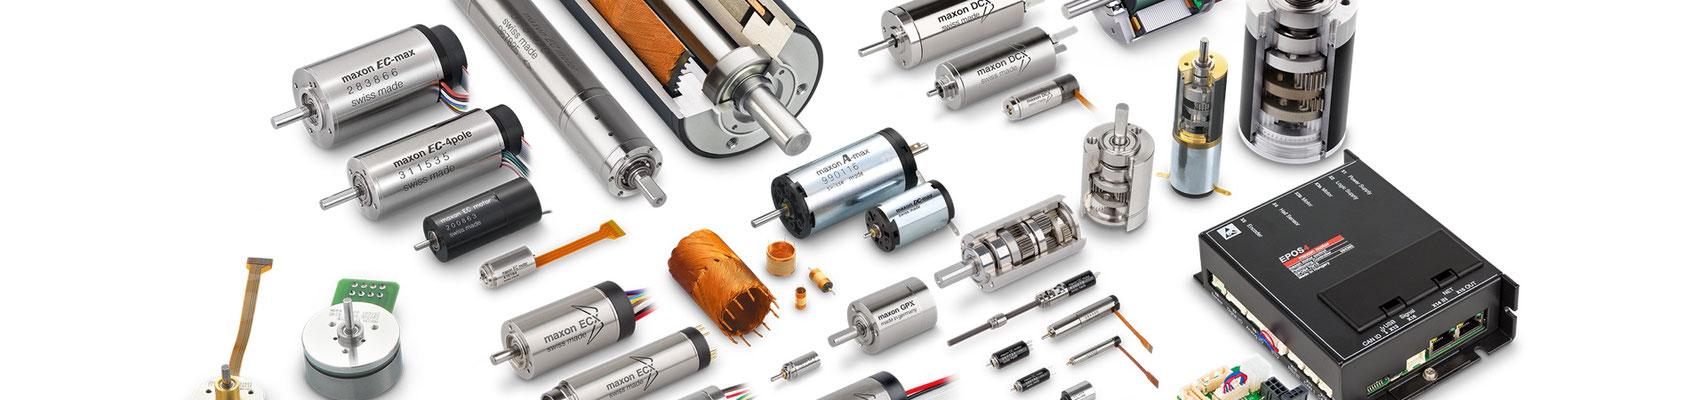 motor eléctrico reductor repuestos recambios maxon